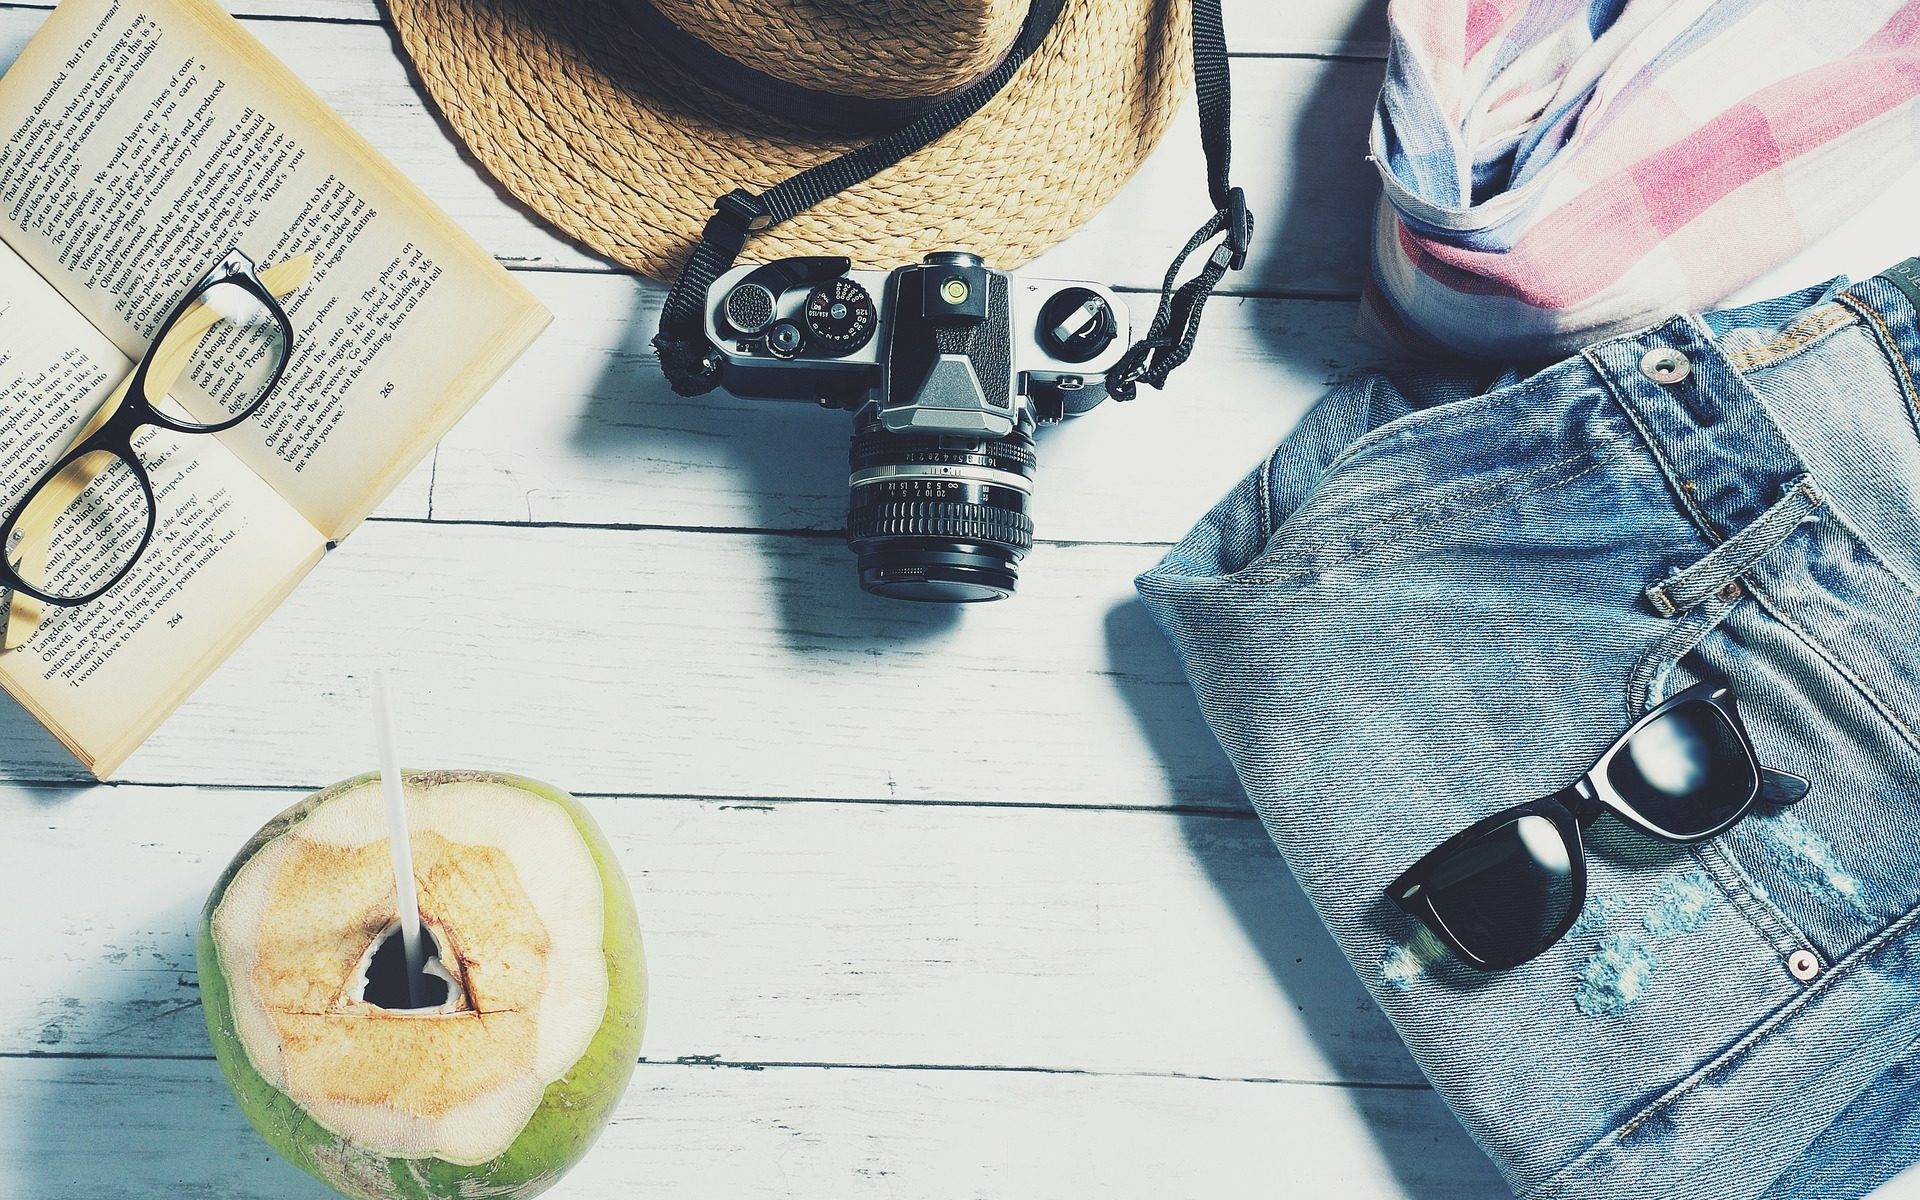 melting pot d'objets de vacances : lunettes, appareil photo, chapeau...